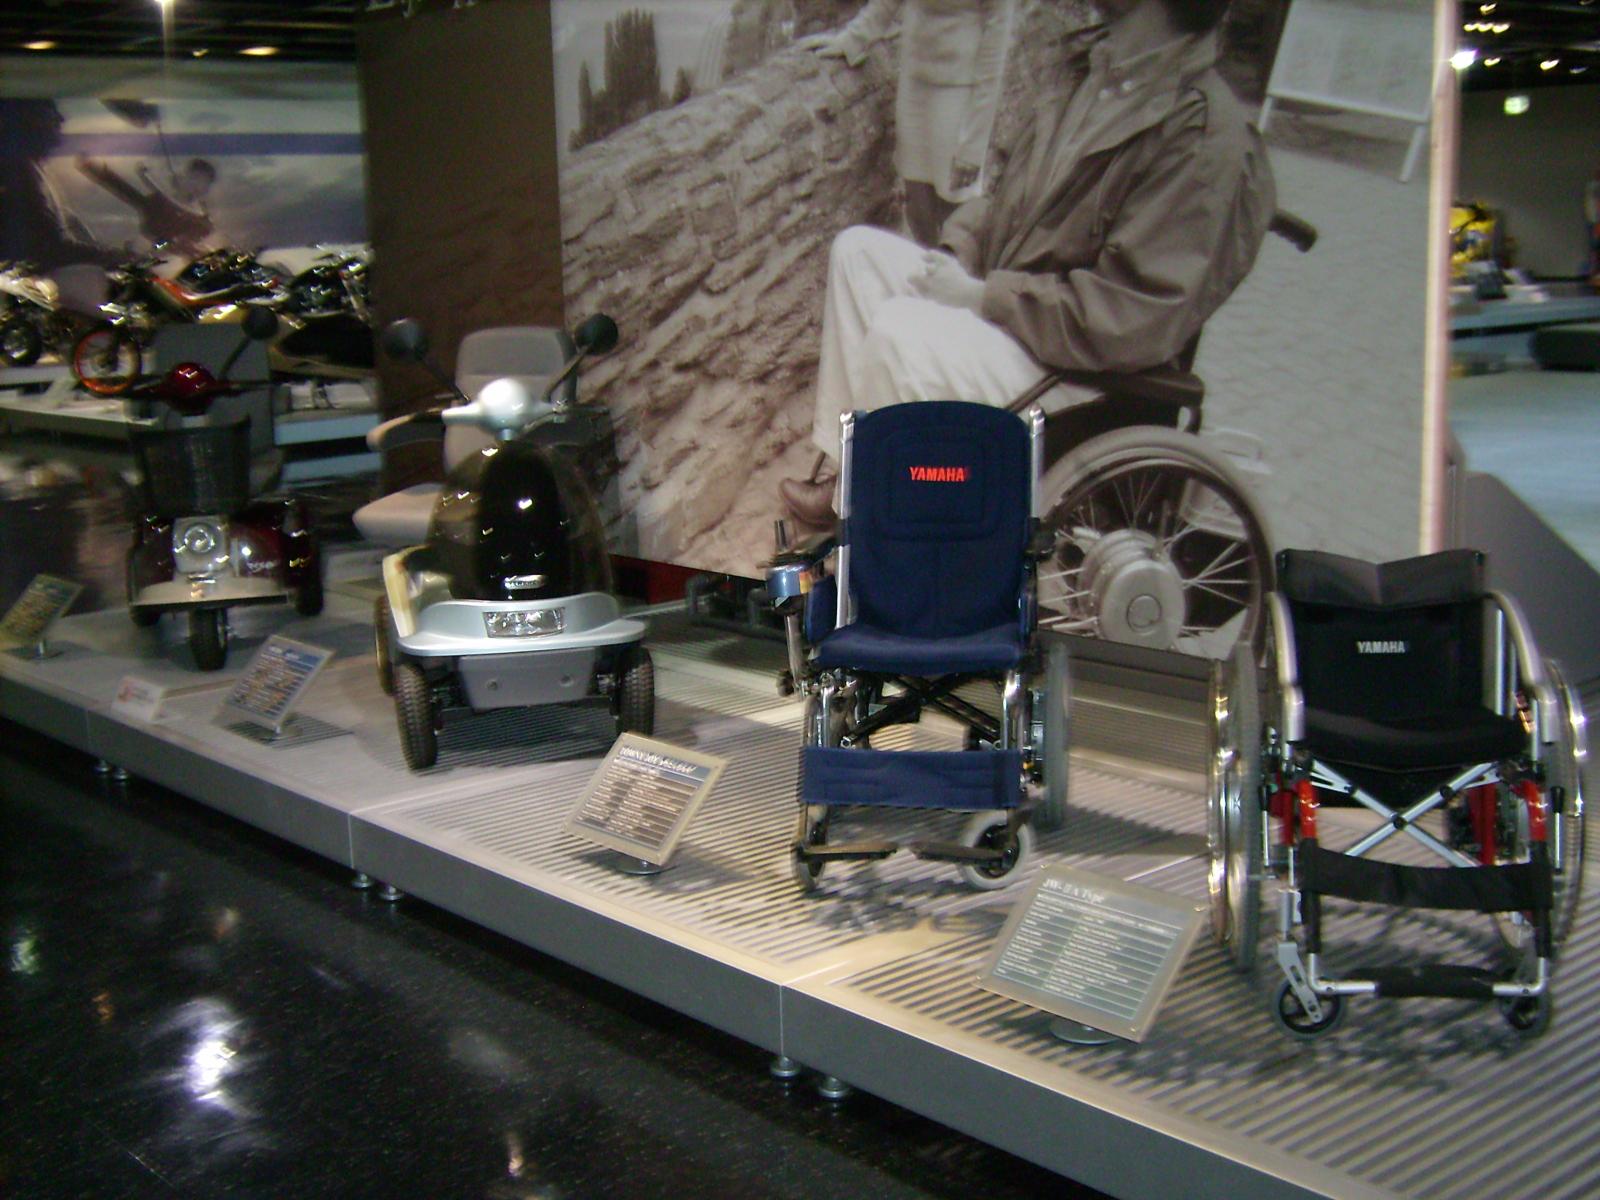 Museo Yamaha en Iwata 2q1xlvk